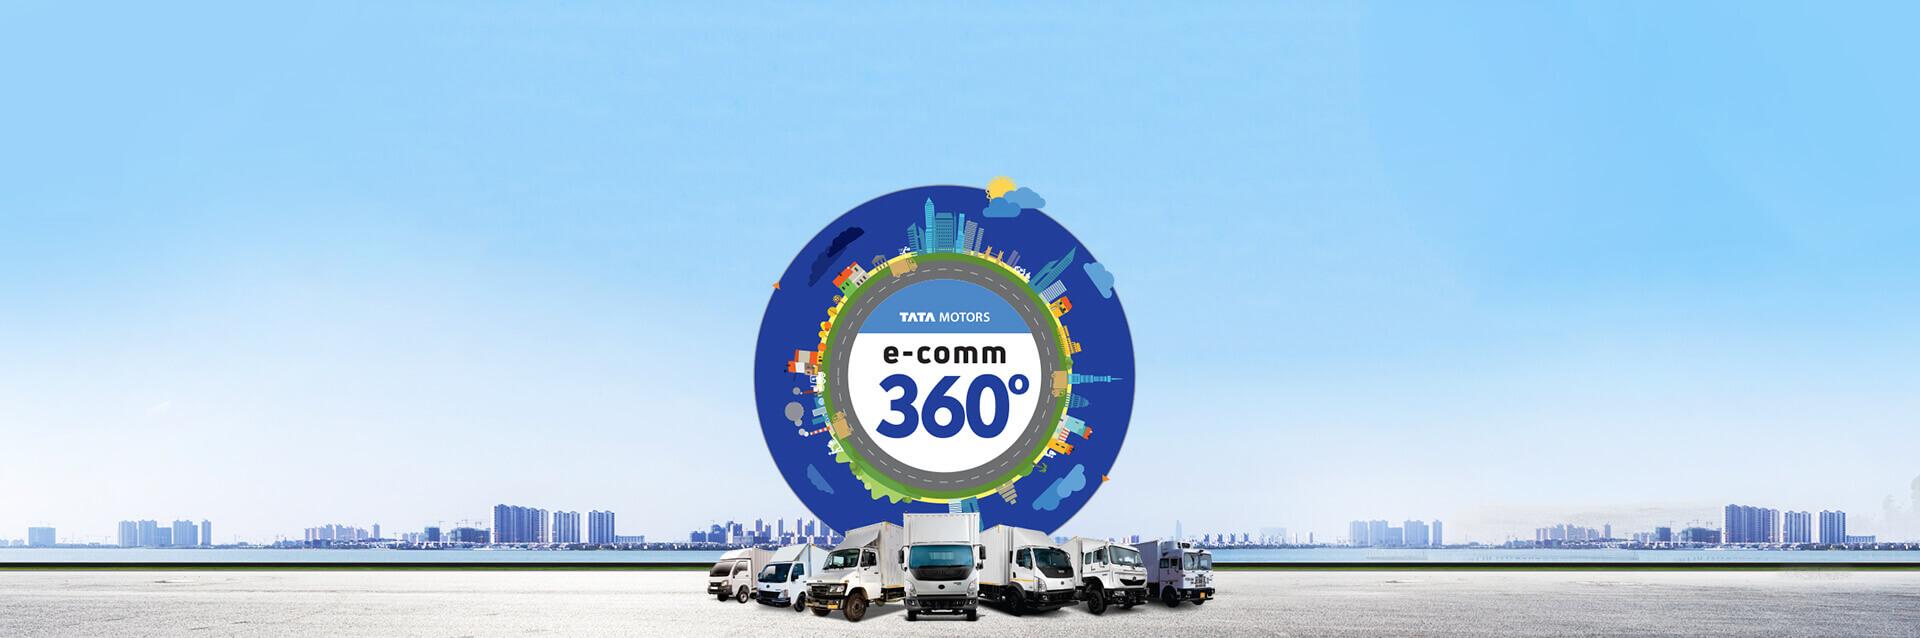 Tata Trucks Ecommerce Banner